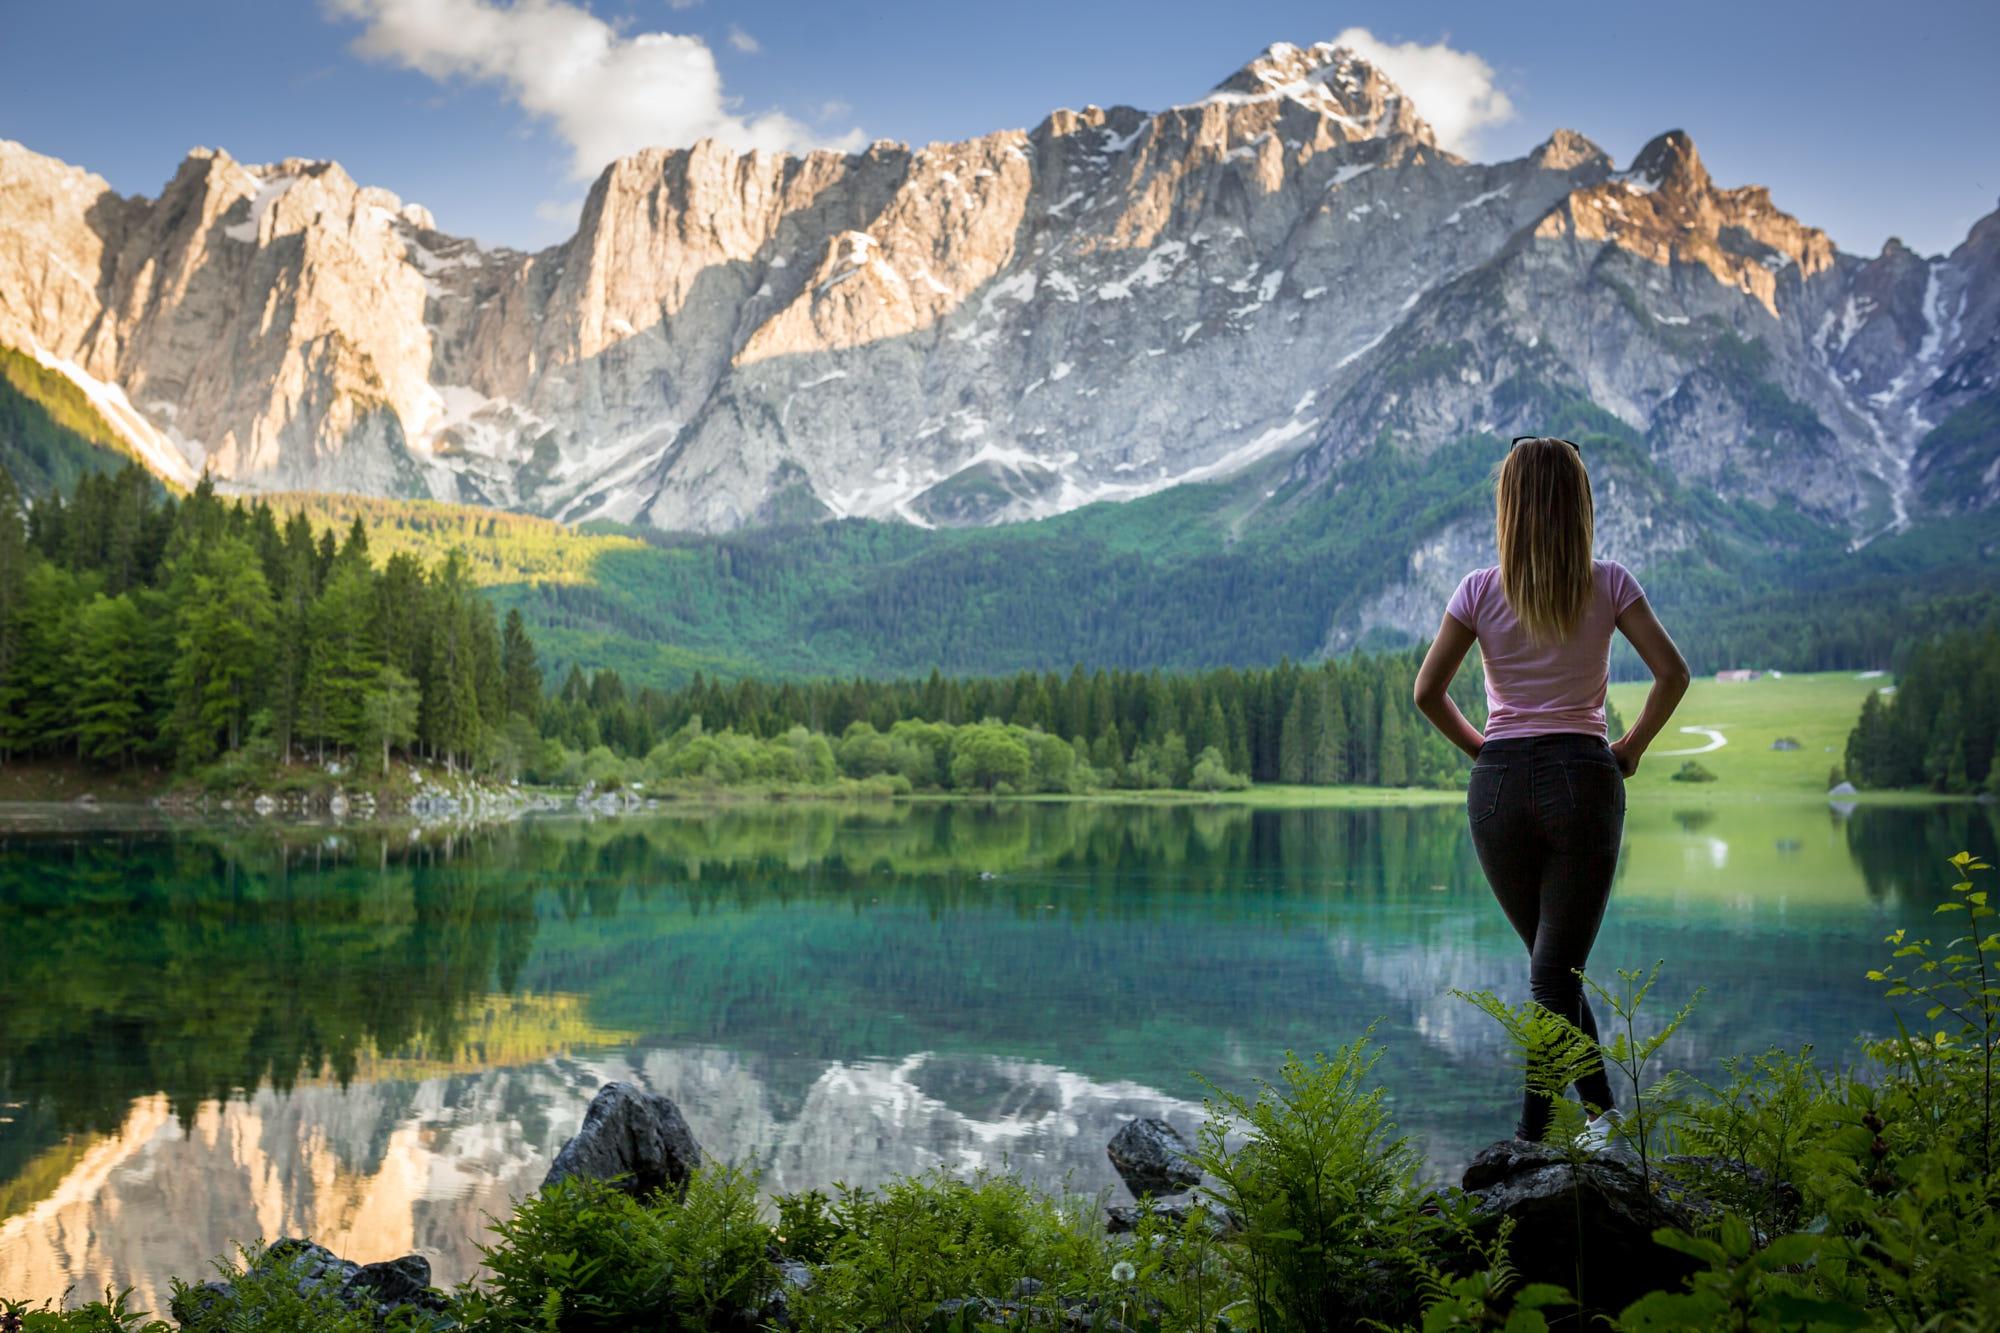 известно, как правильно выбрать пейзаж для красивого фото песенки поют маленькие